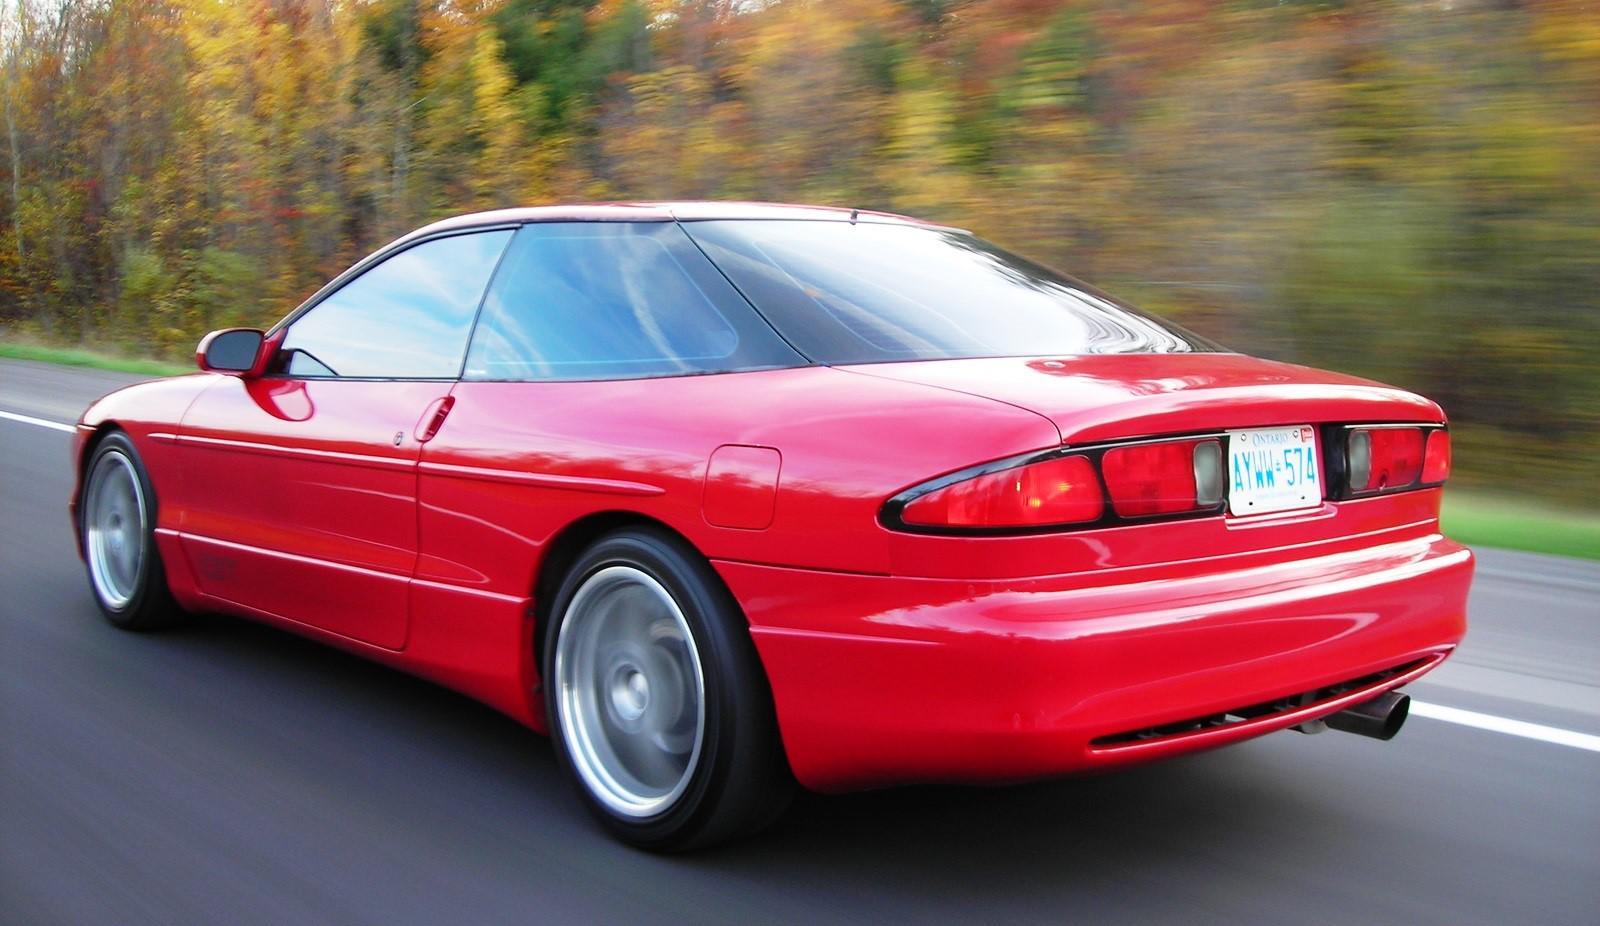 voitures-de-sports-qui-auront-25-ans-aujourd-hui-1269-47.jpg